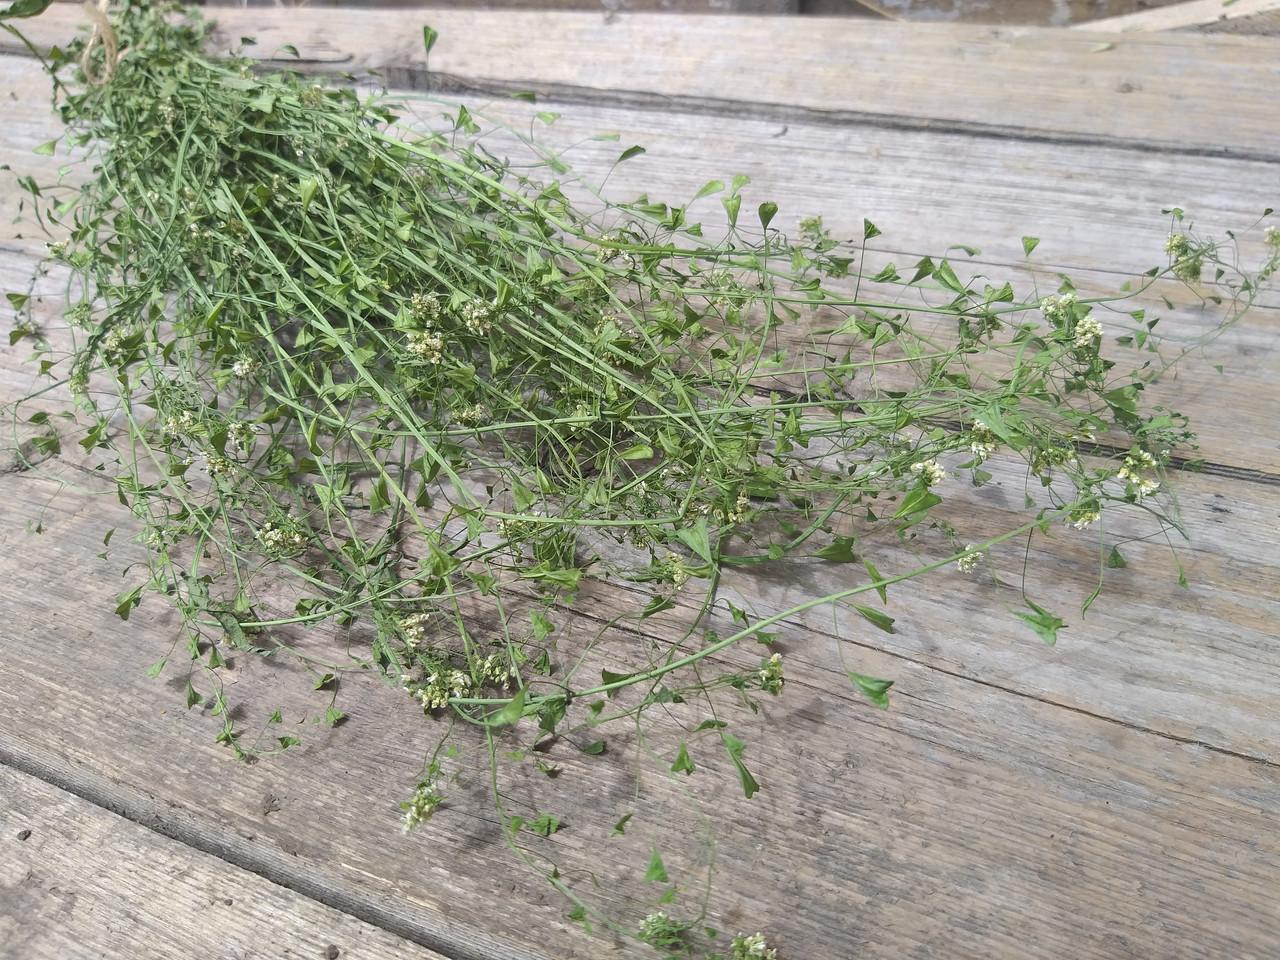 Сухоцвіт грициків Capsella (пастушья сумка), 35 см висота в'язанки, 20 грн